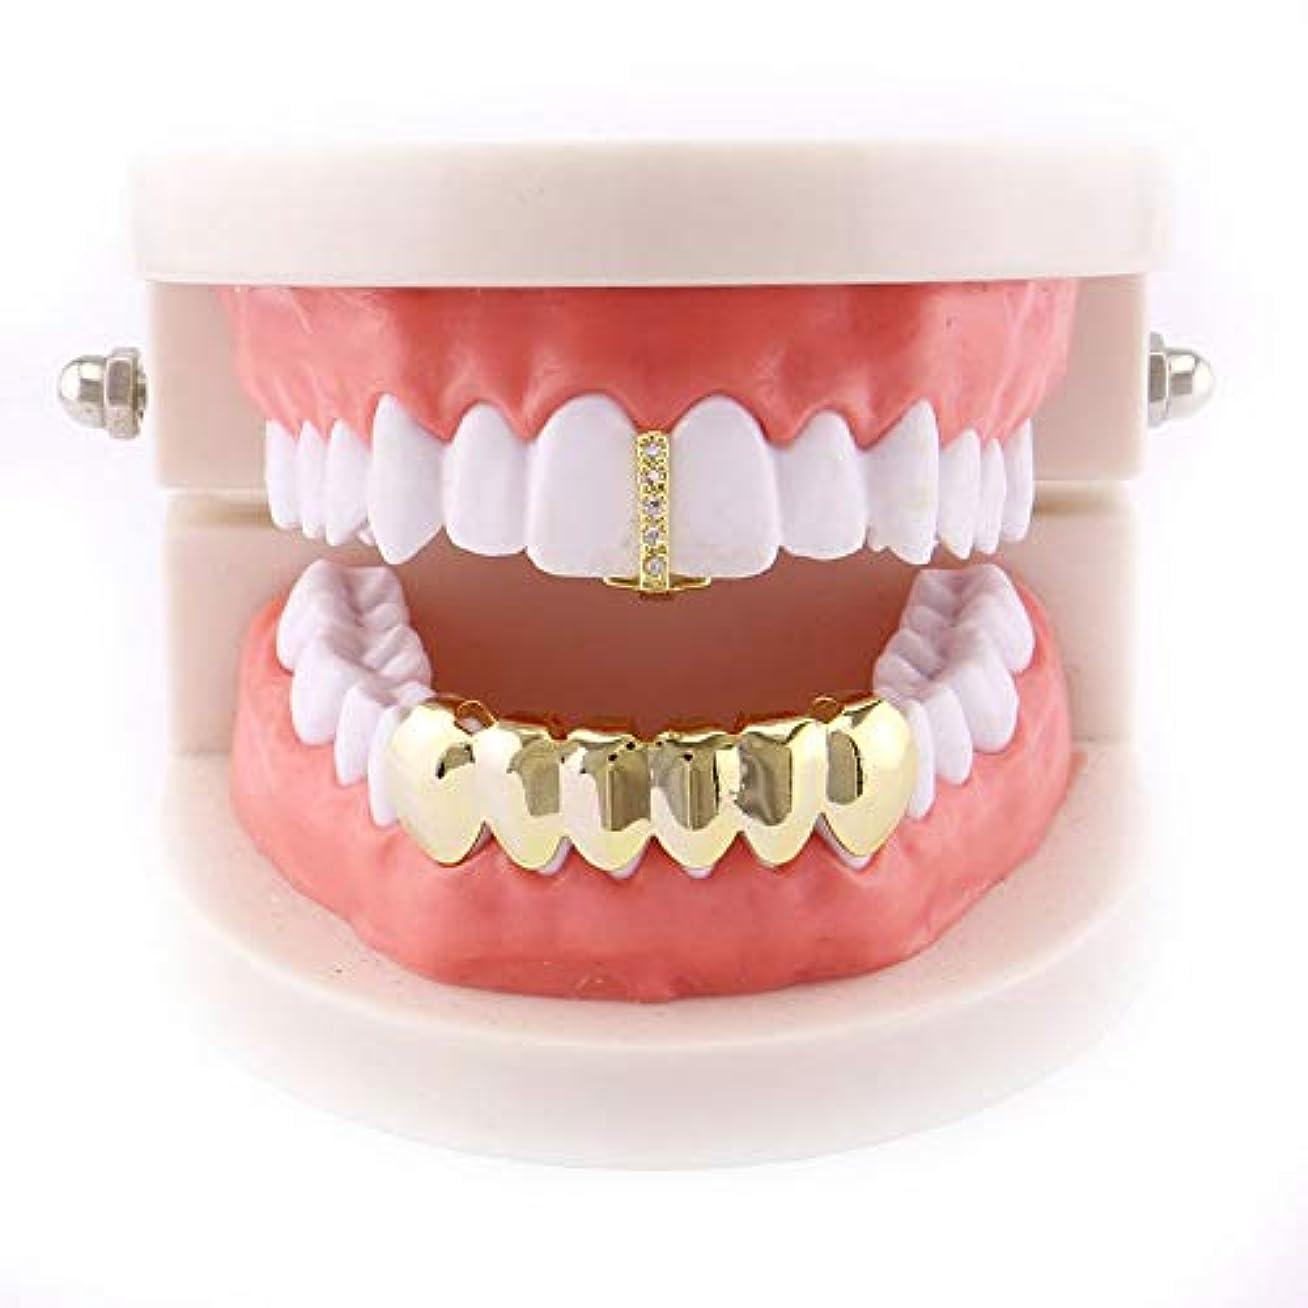 消費者大美徳マウストップデンタルグリル用 歯グリルヒップホップセット(1トップ&6ボトム)クリスタルCZは男性/女性のギフトのための金/スライバの歯のグリルキャップをアイシングアウト ゴールドメッキヒップホップポーカー歯キャップ (...